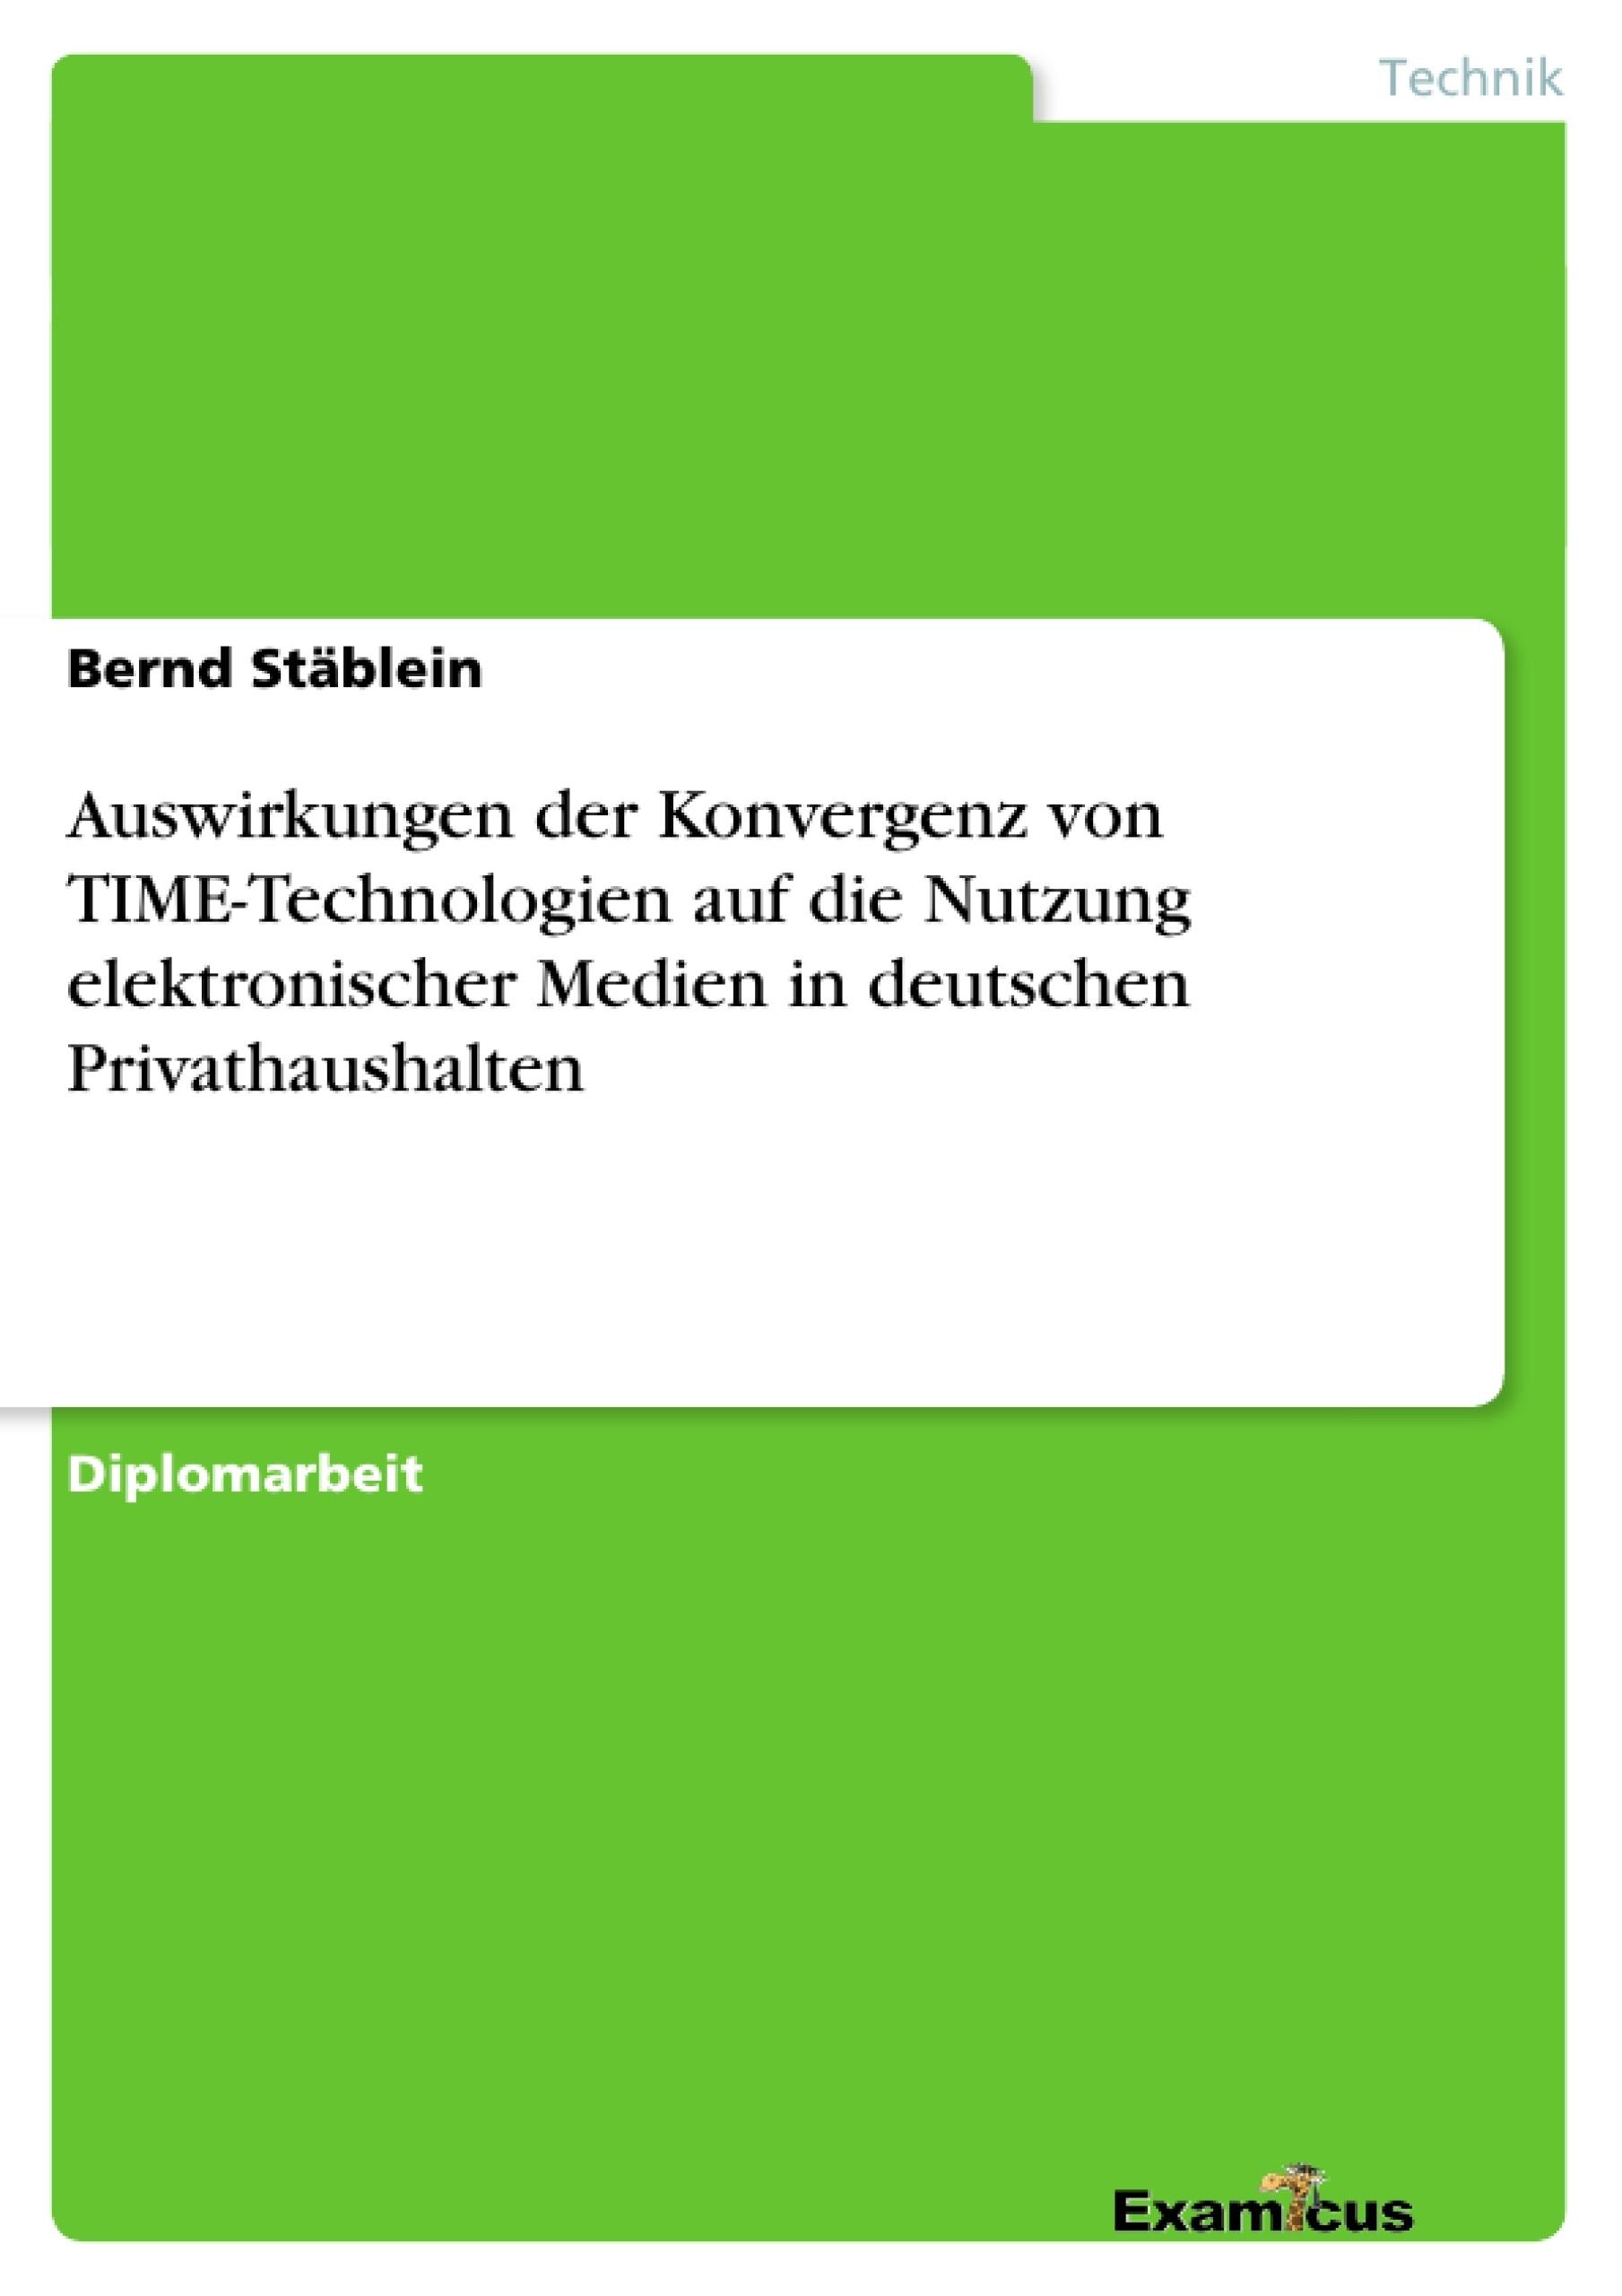 Titel: Auswirkungen der Konvergenz von TIME-Technologien auf die Nutzung elektronischer Medien in deutschen Privathaushalten